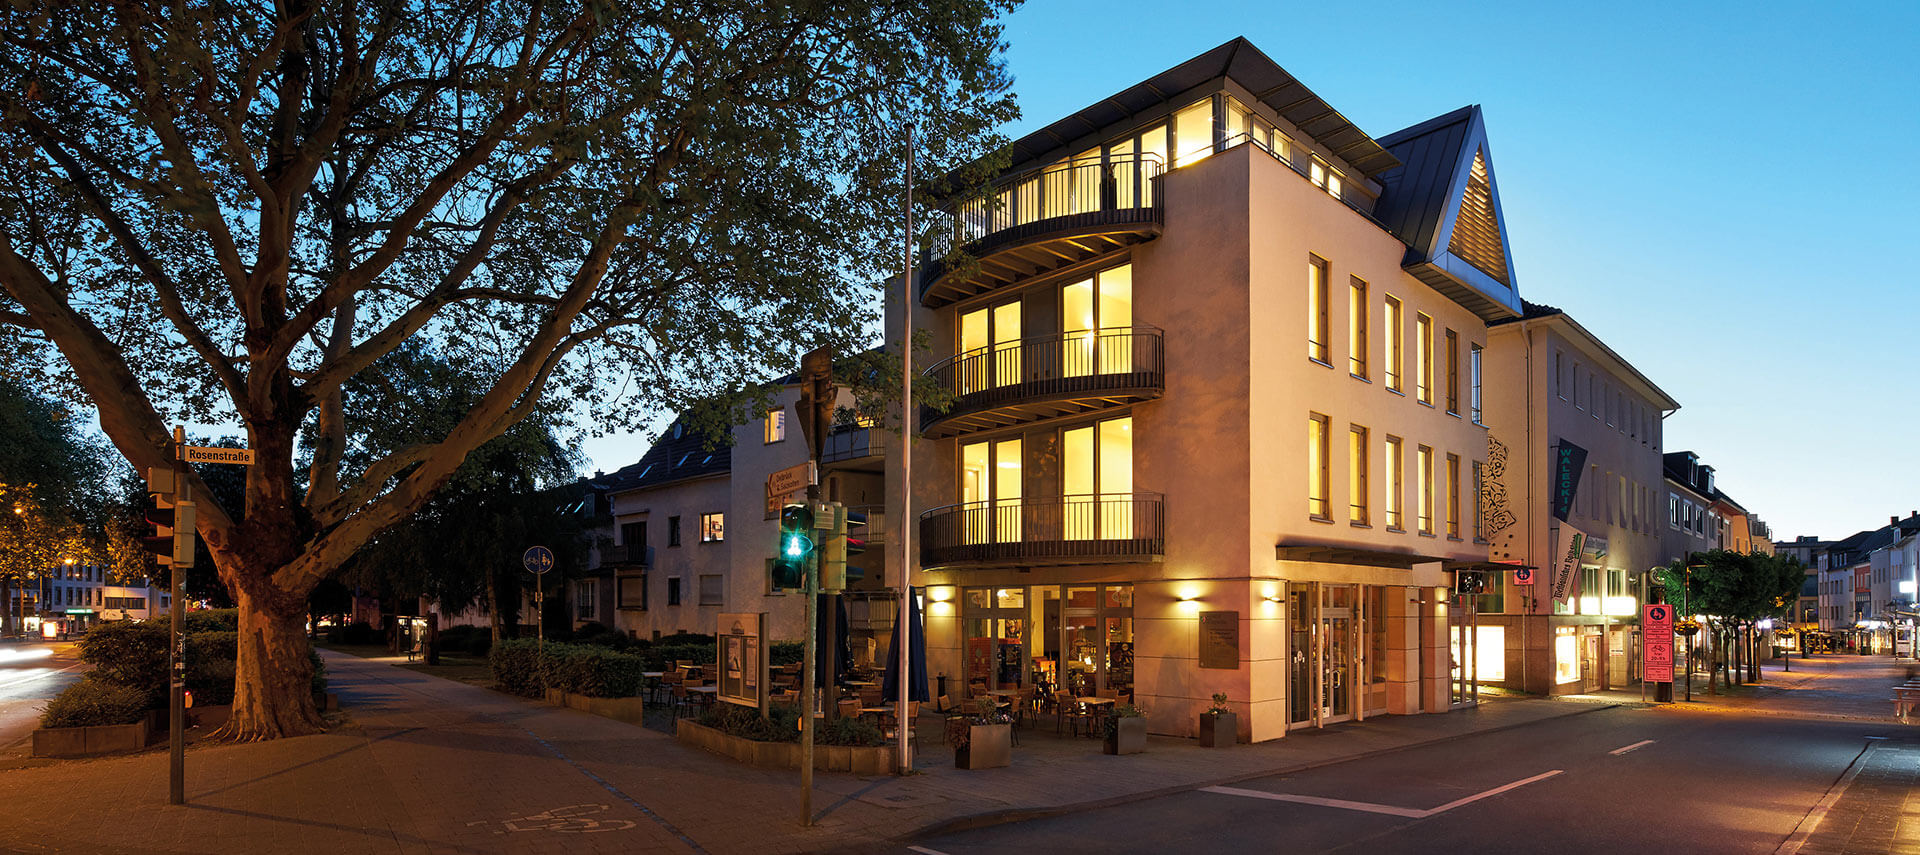 Kanzlei am Rosentor Paderborn - Anwälte & Notare